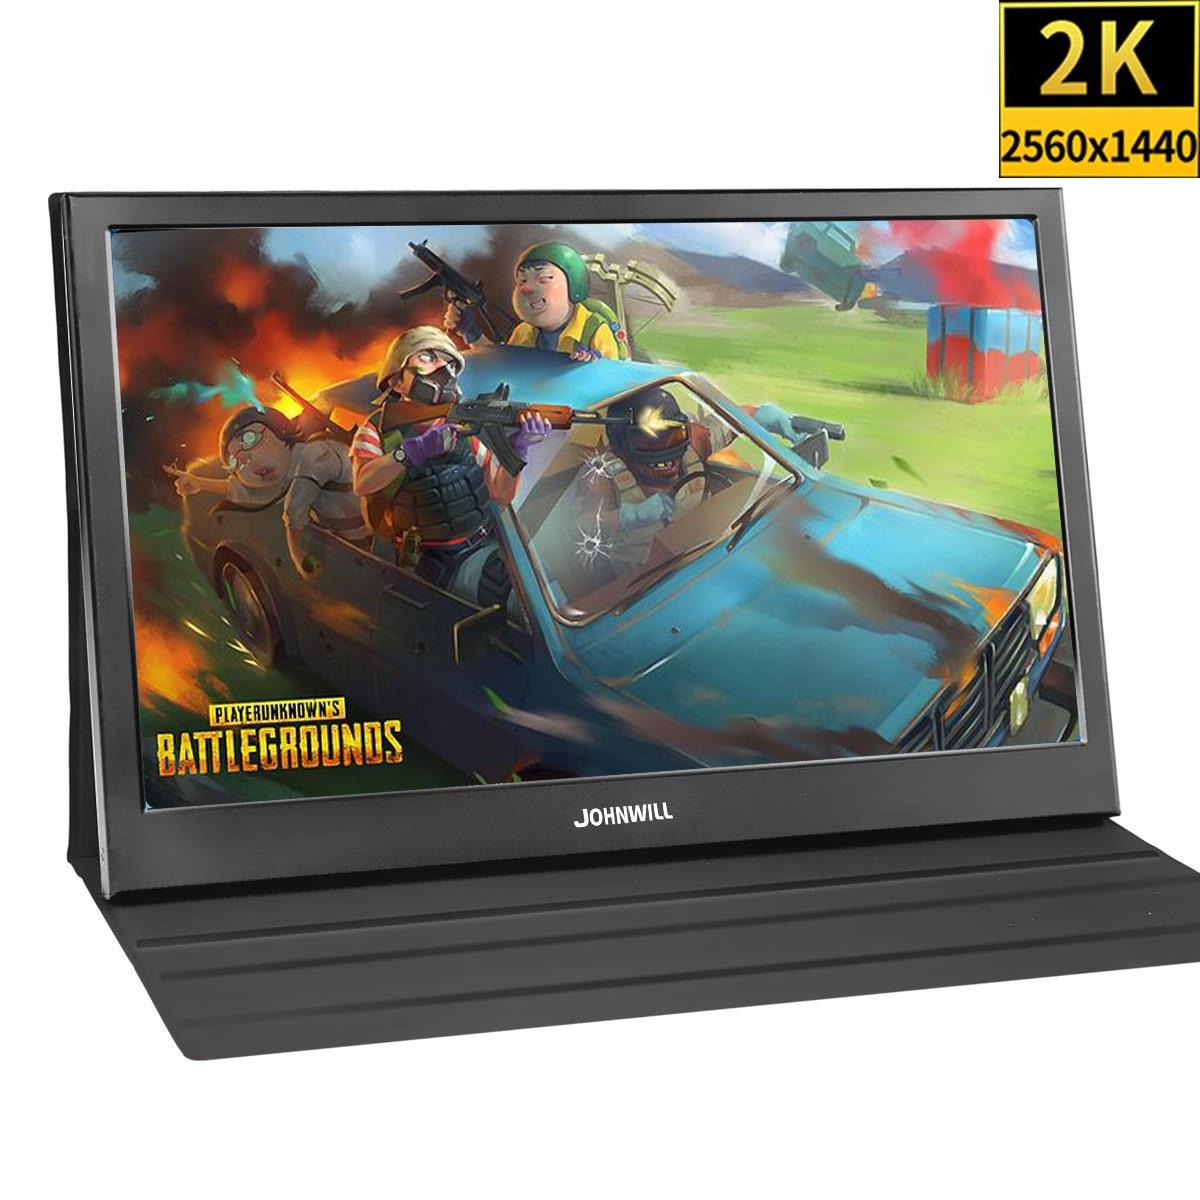 13.3 pouces 2 K moniteur Portable pour PS4 gagne 7 8 10 Full HD 2560X1440 IPS écran Ultra mince + 2 Interface HDMI avec étui